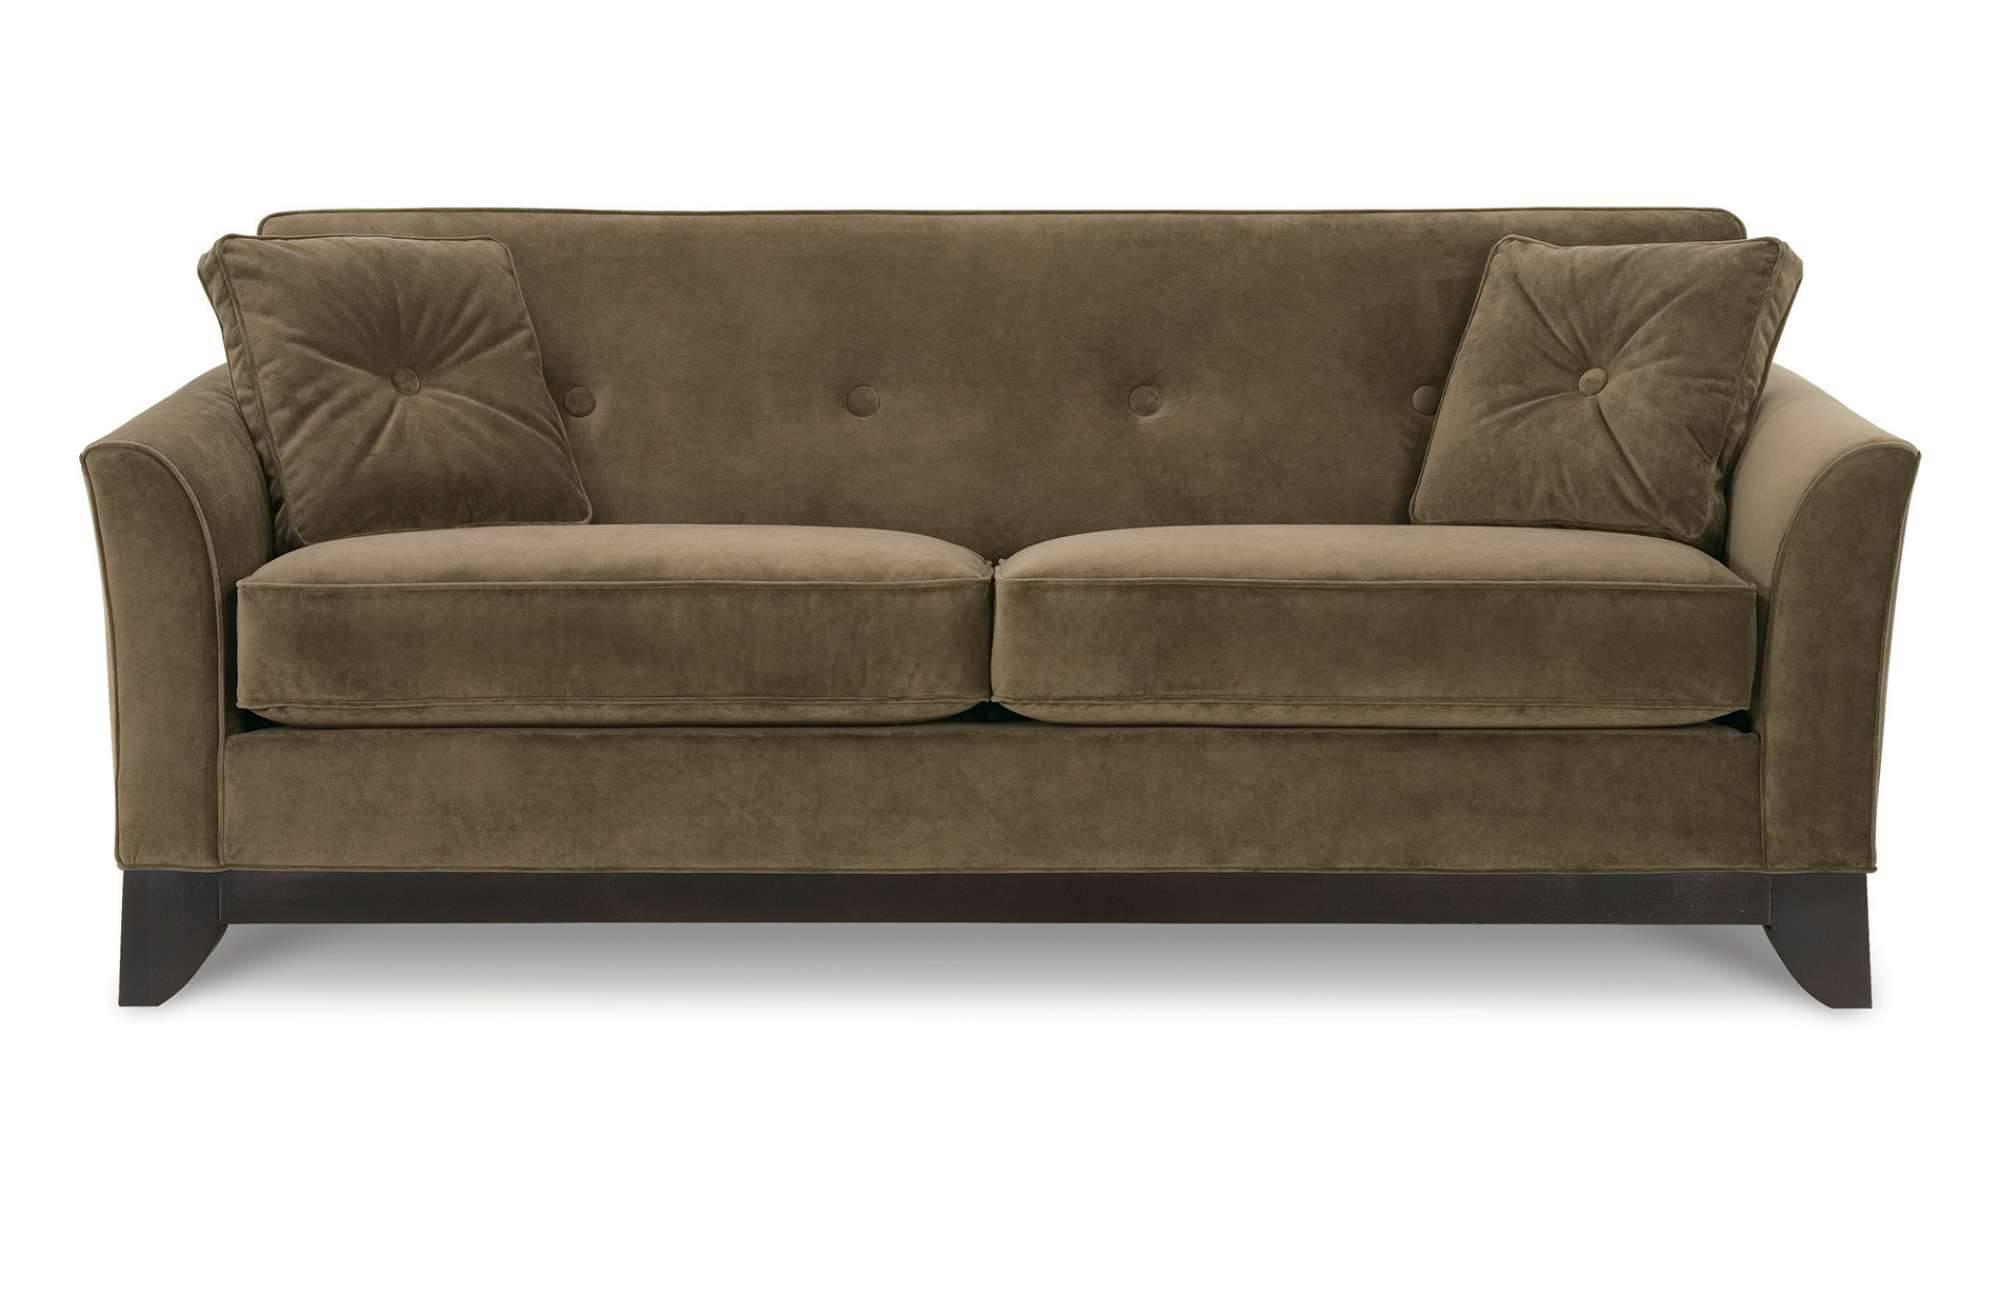 fancy sofa sets crushed velvet pink 2018 popular sofas